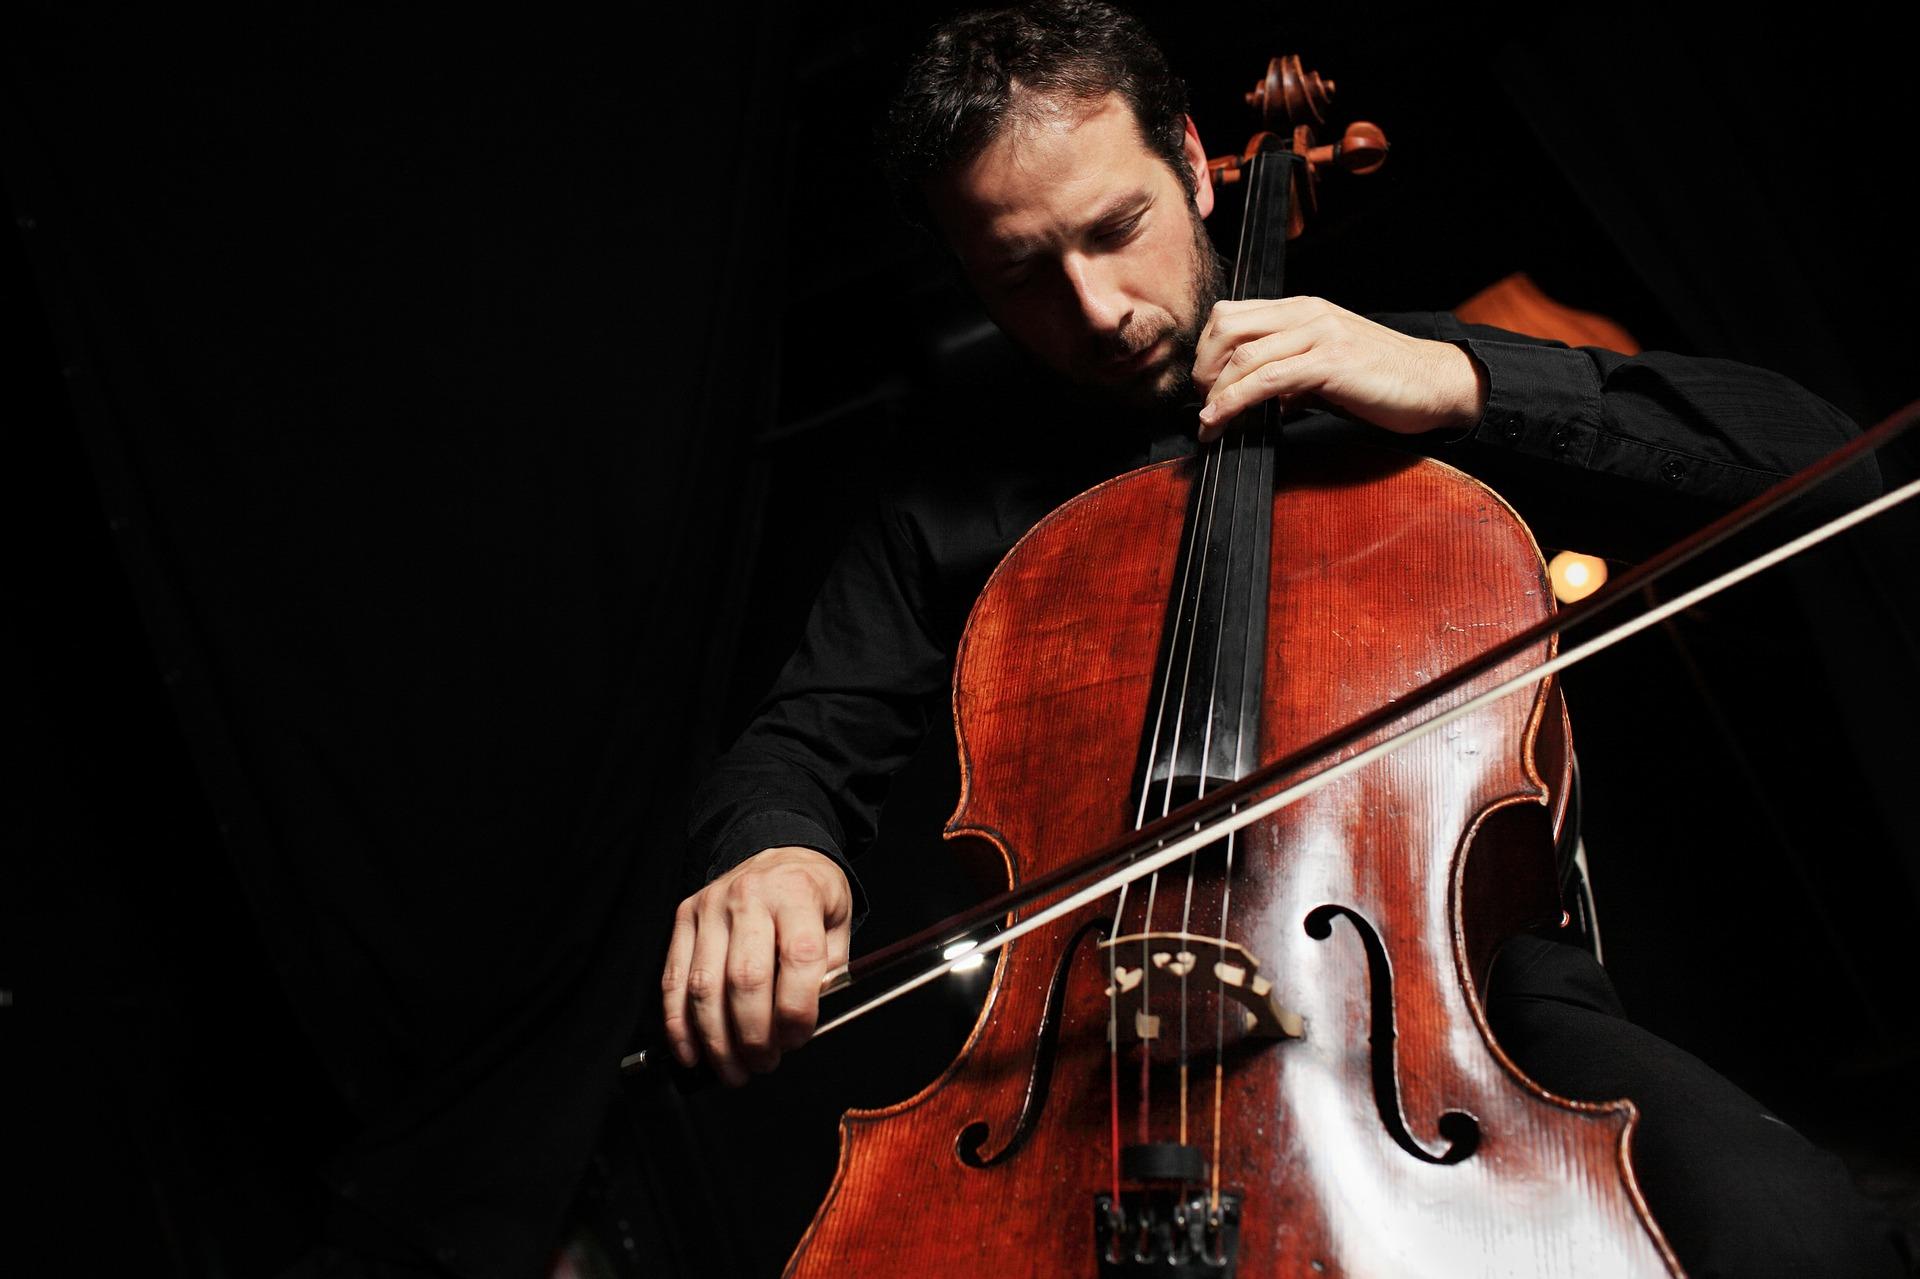 cello-521172_1920.jpg